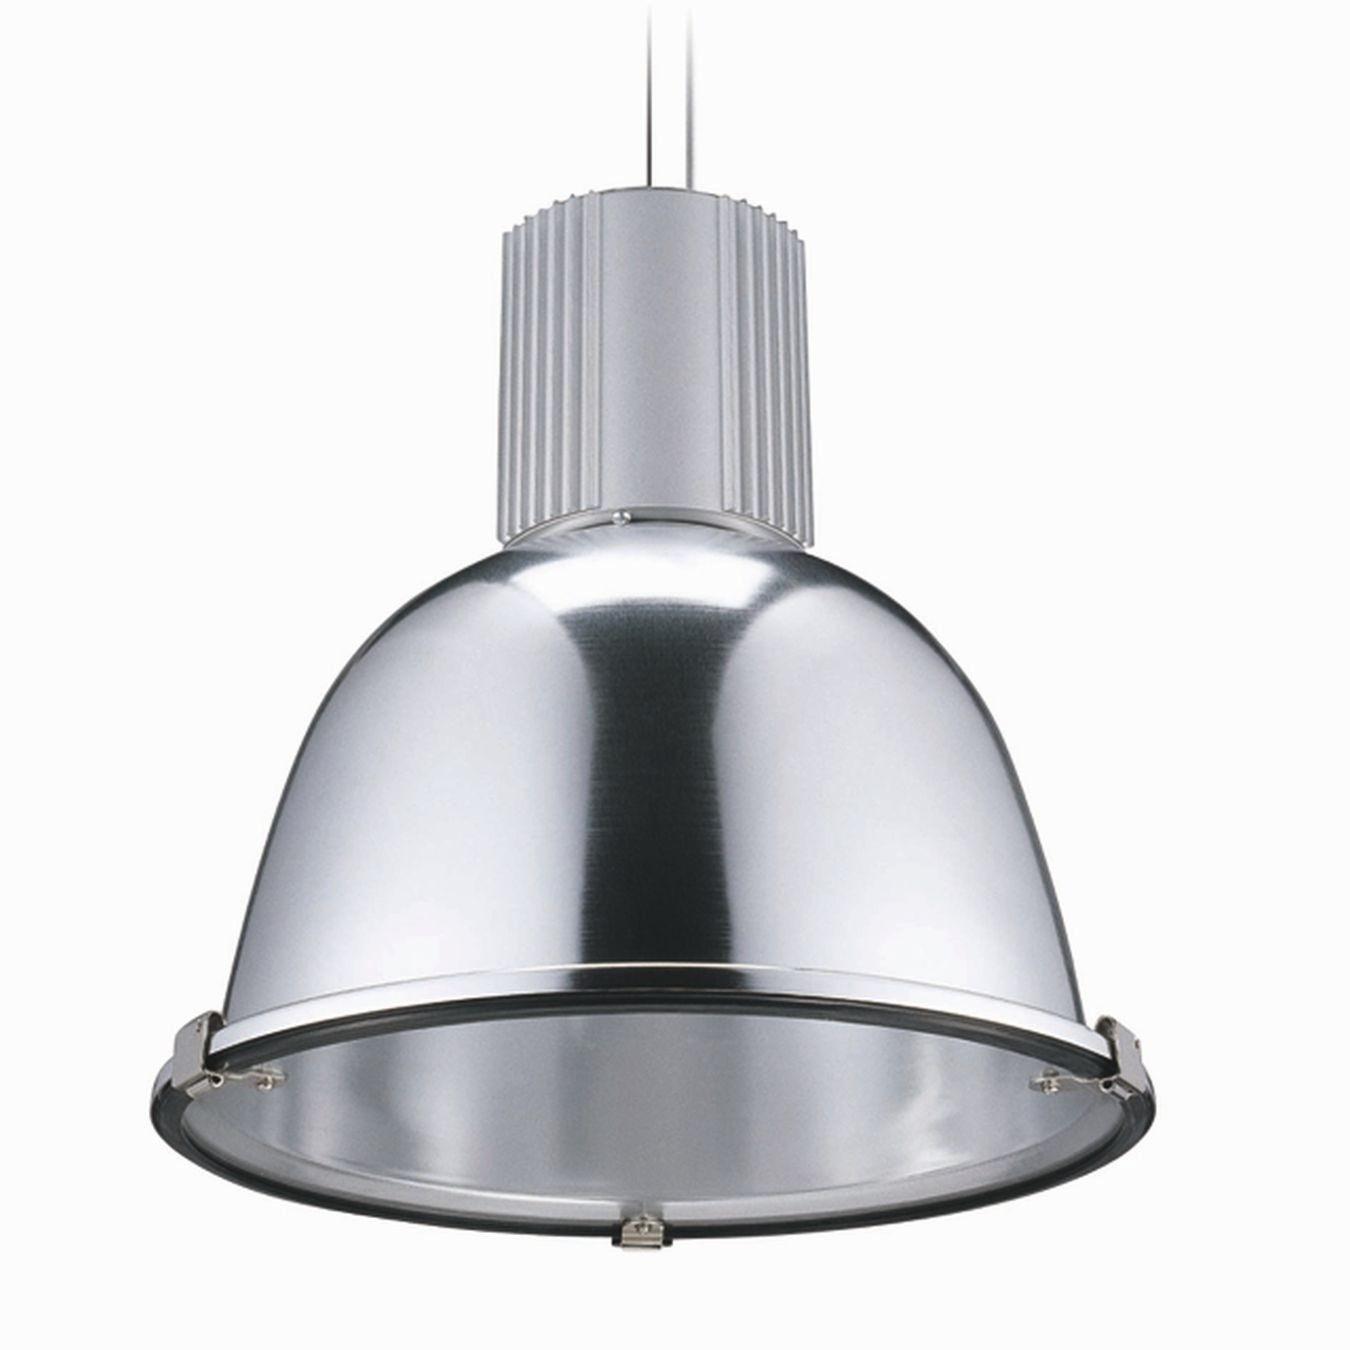 Tienda de l mparas iluminaci n y ventiladores de techo - Lamparas industriales de techo ...